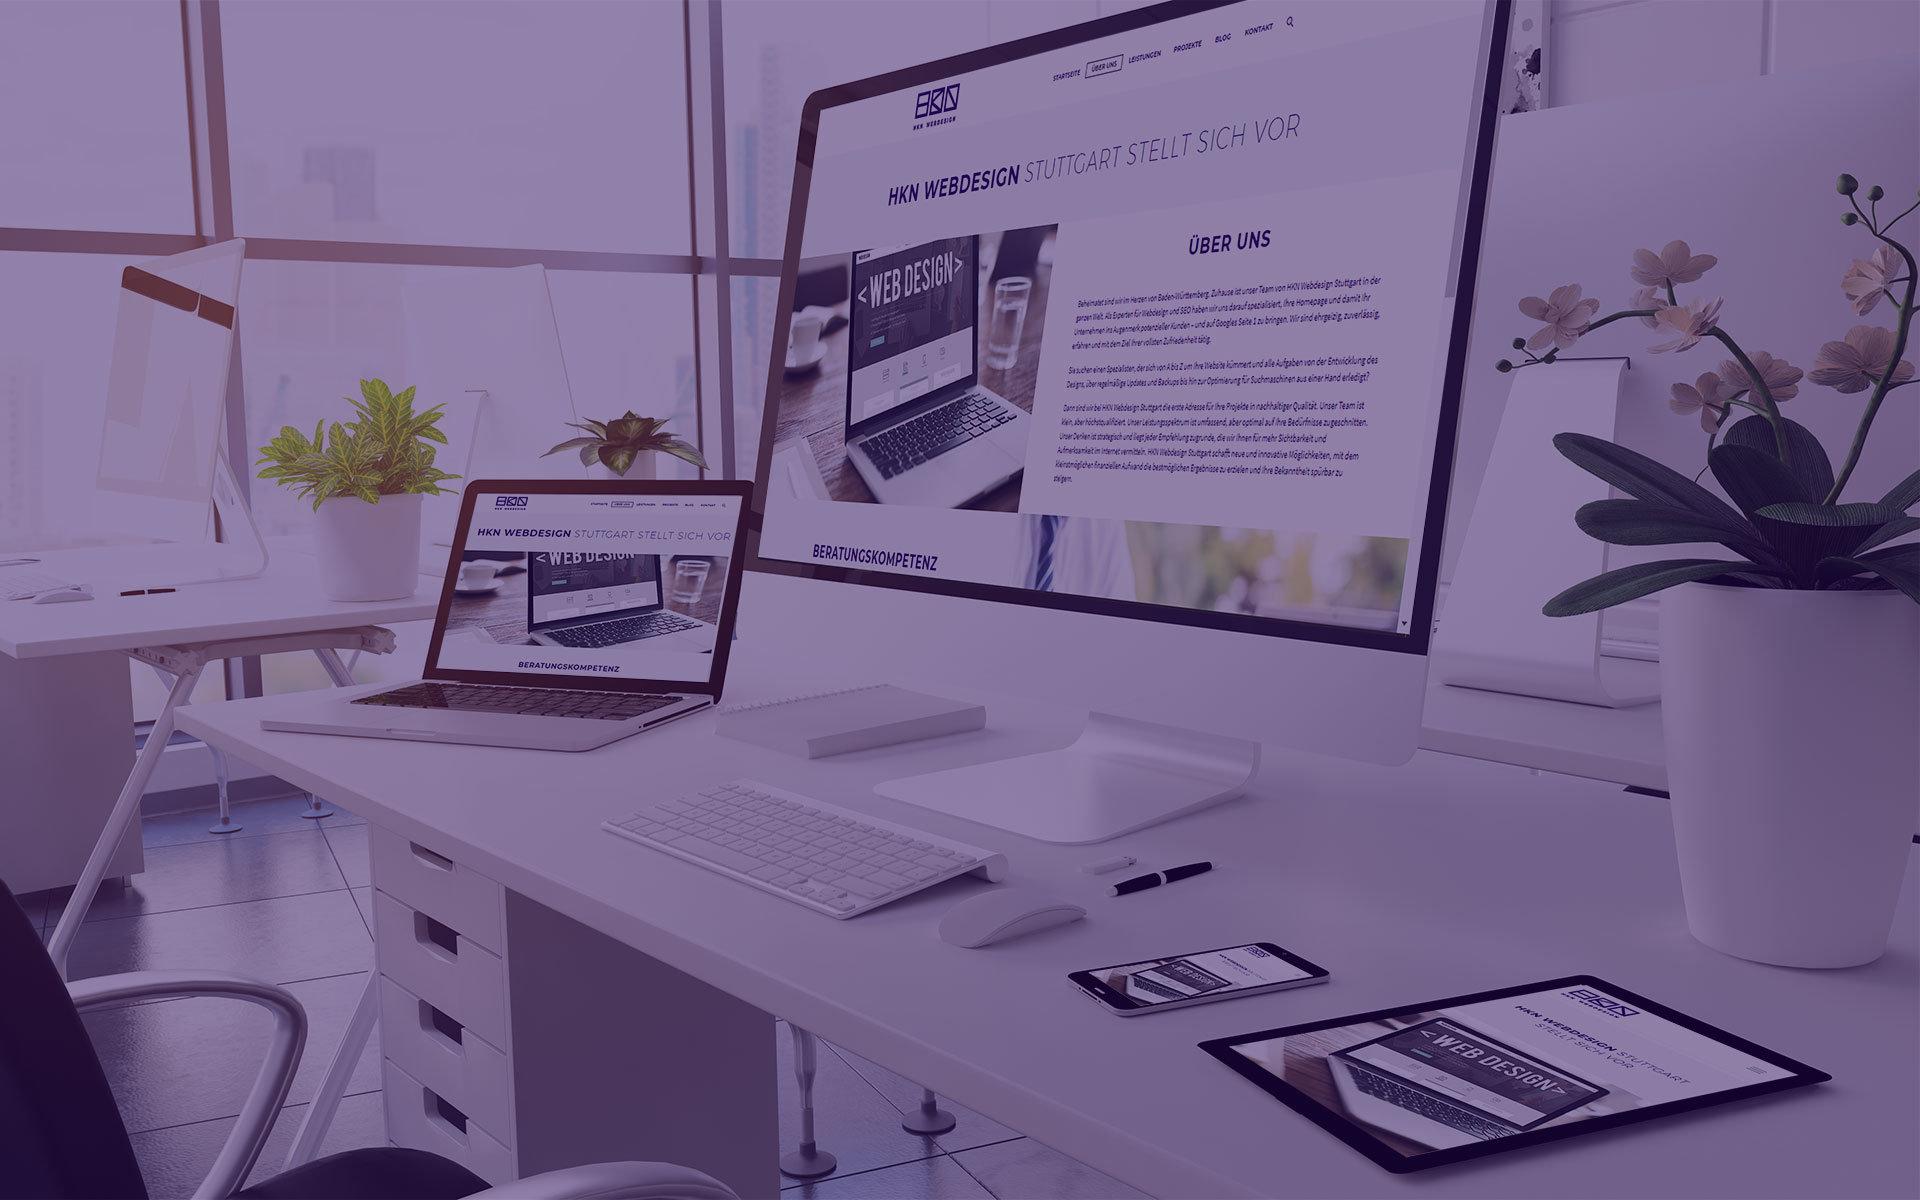 HKN Webdesign Stuttgart Kontakt